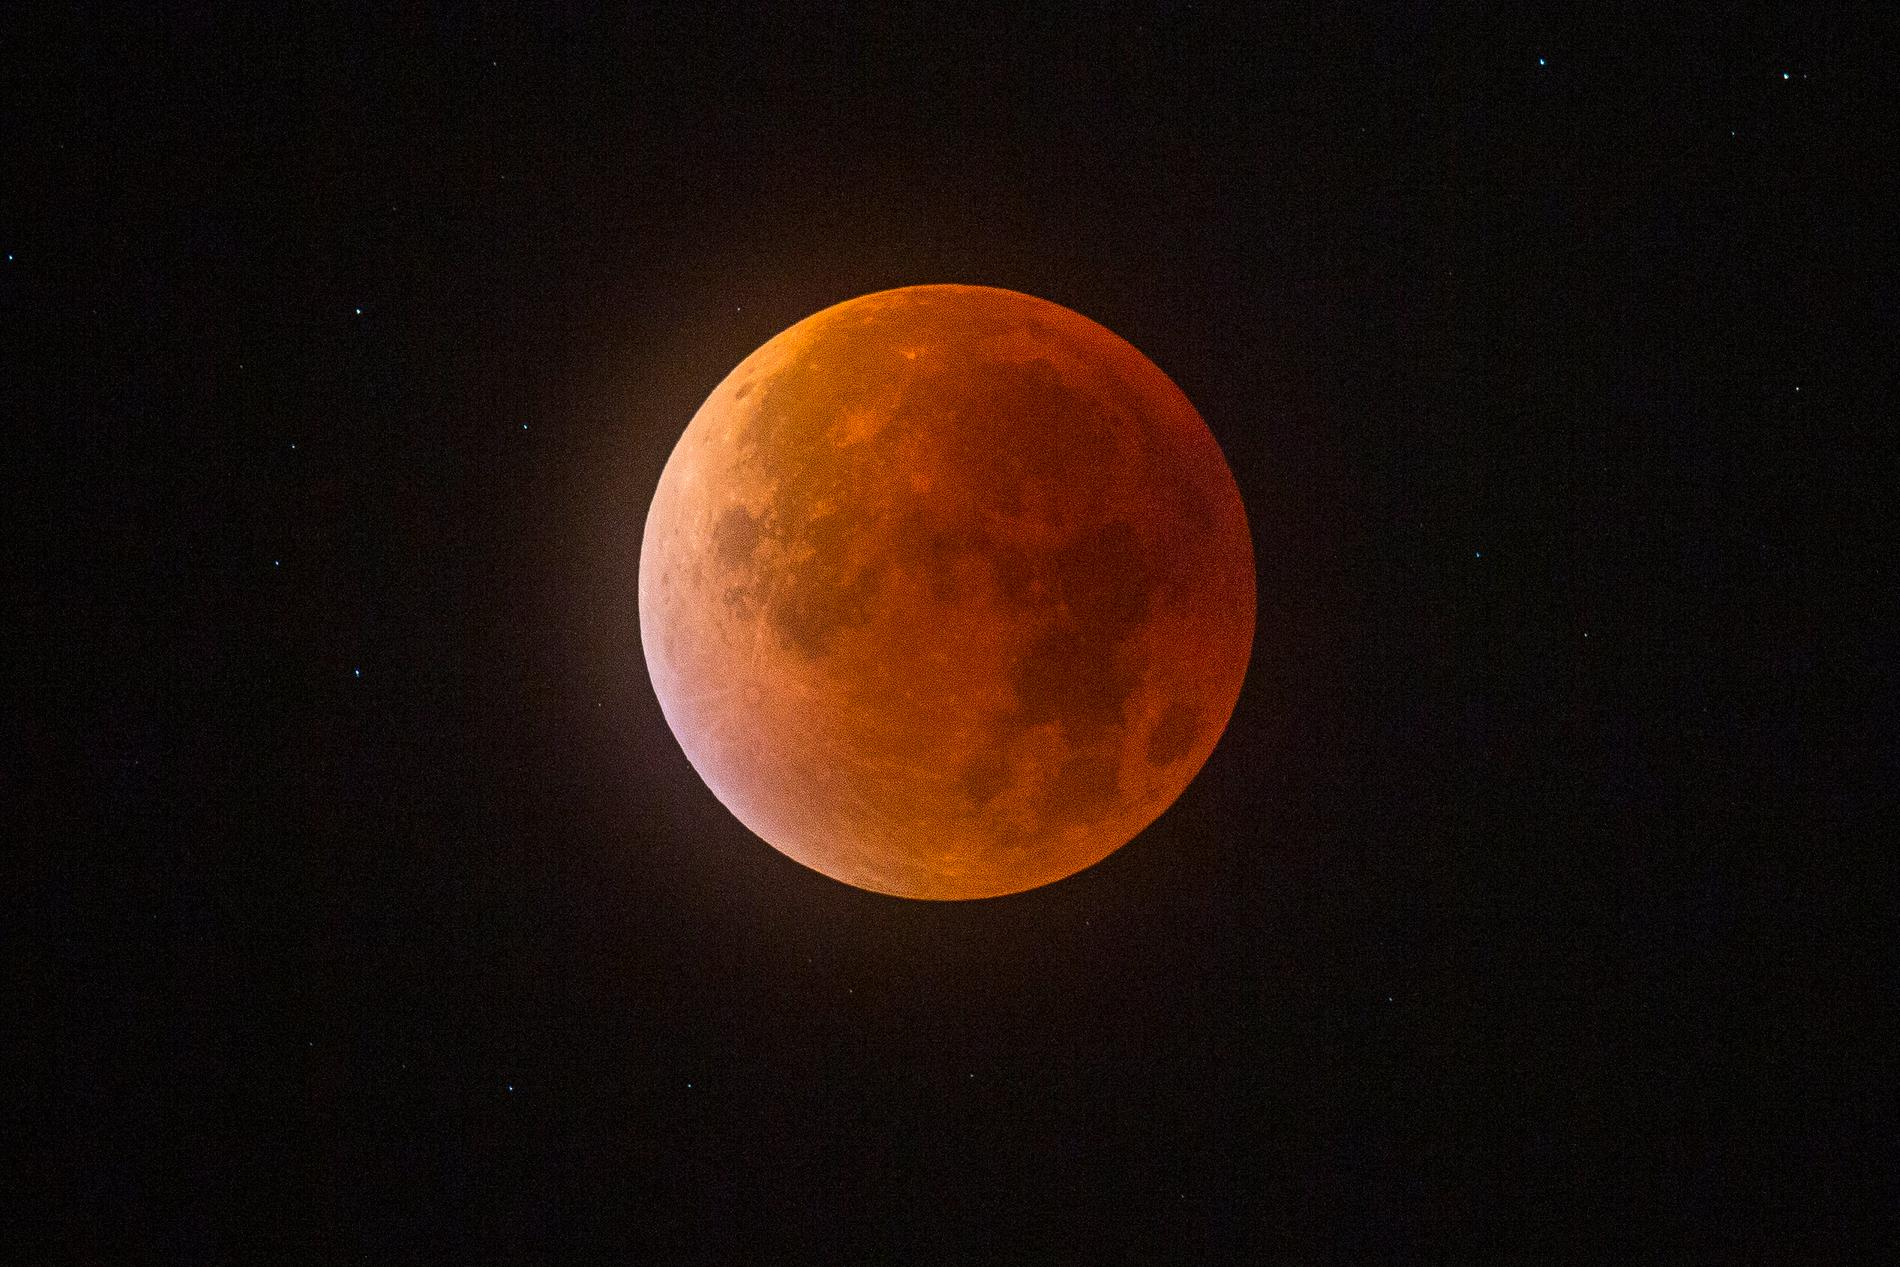 Tidigt på morgonen den 21 januari kan en blodmåne ses i Sverige om vädret tillåter. Arkivbild.